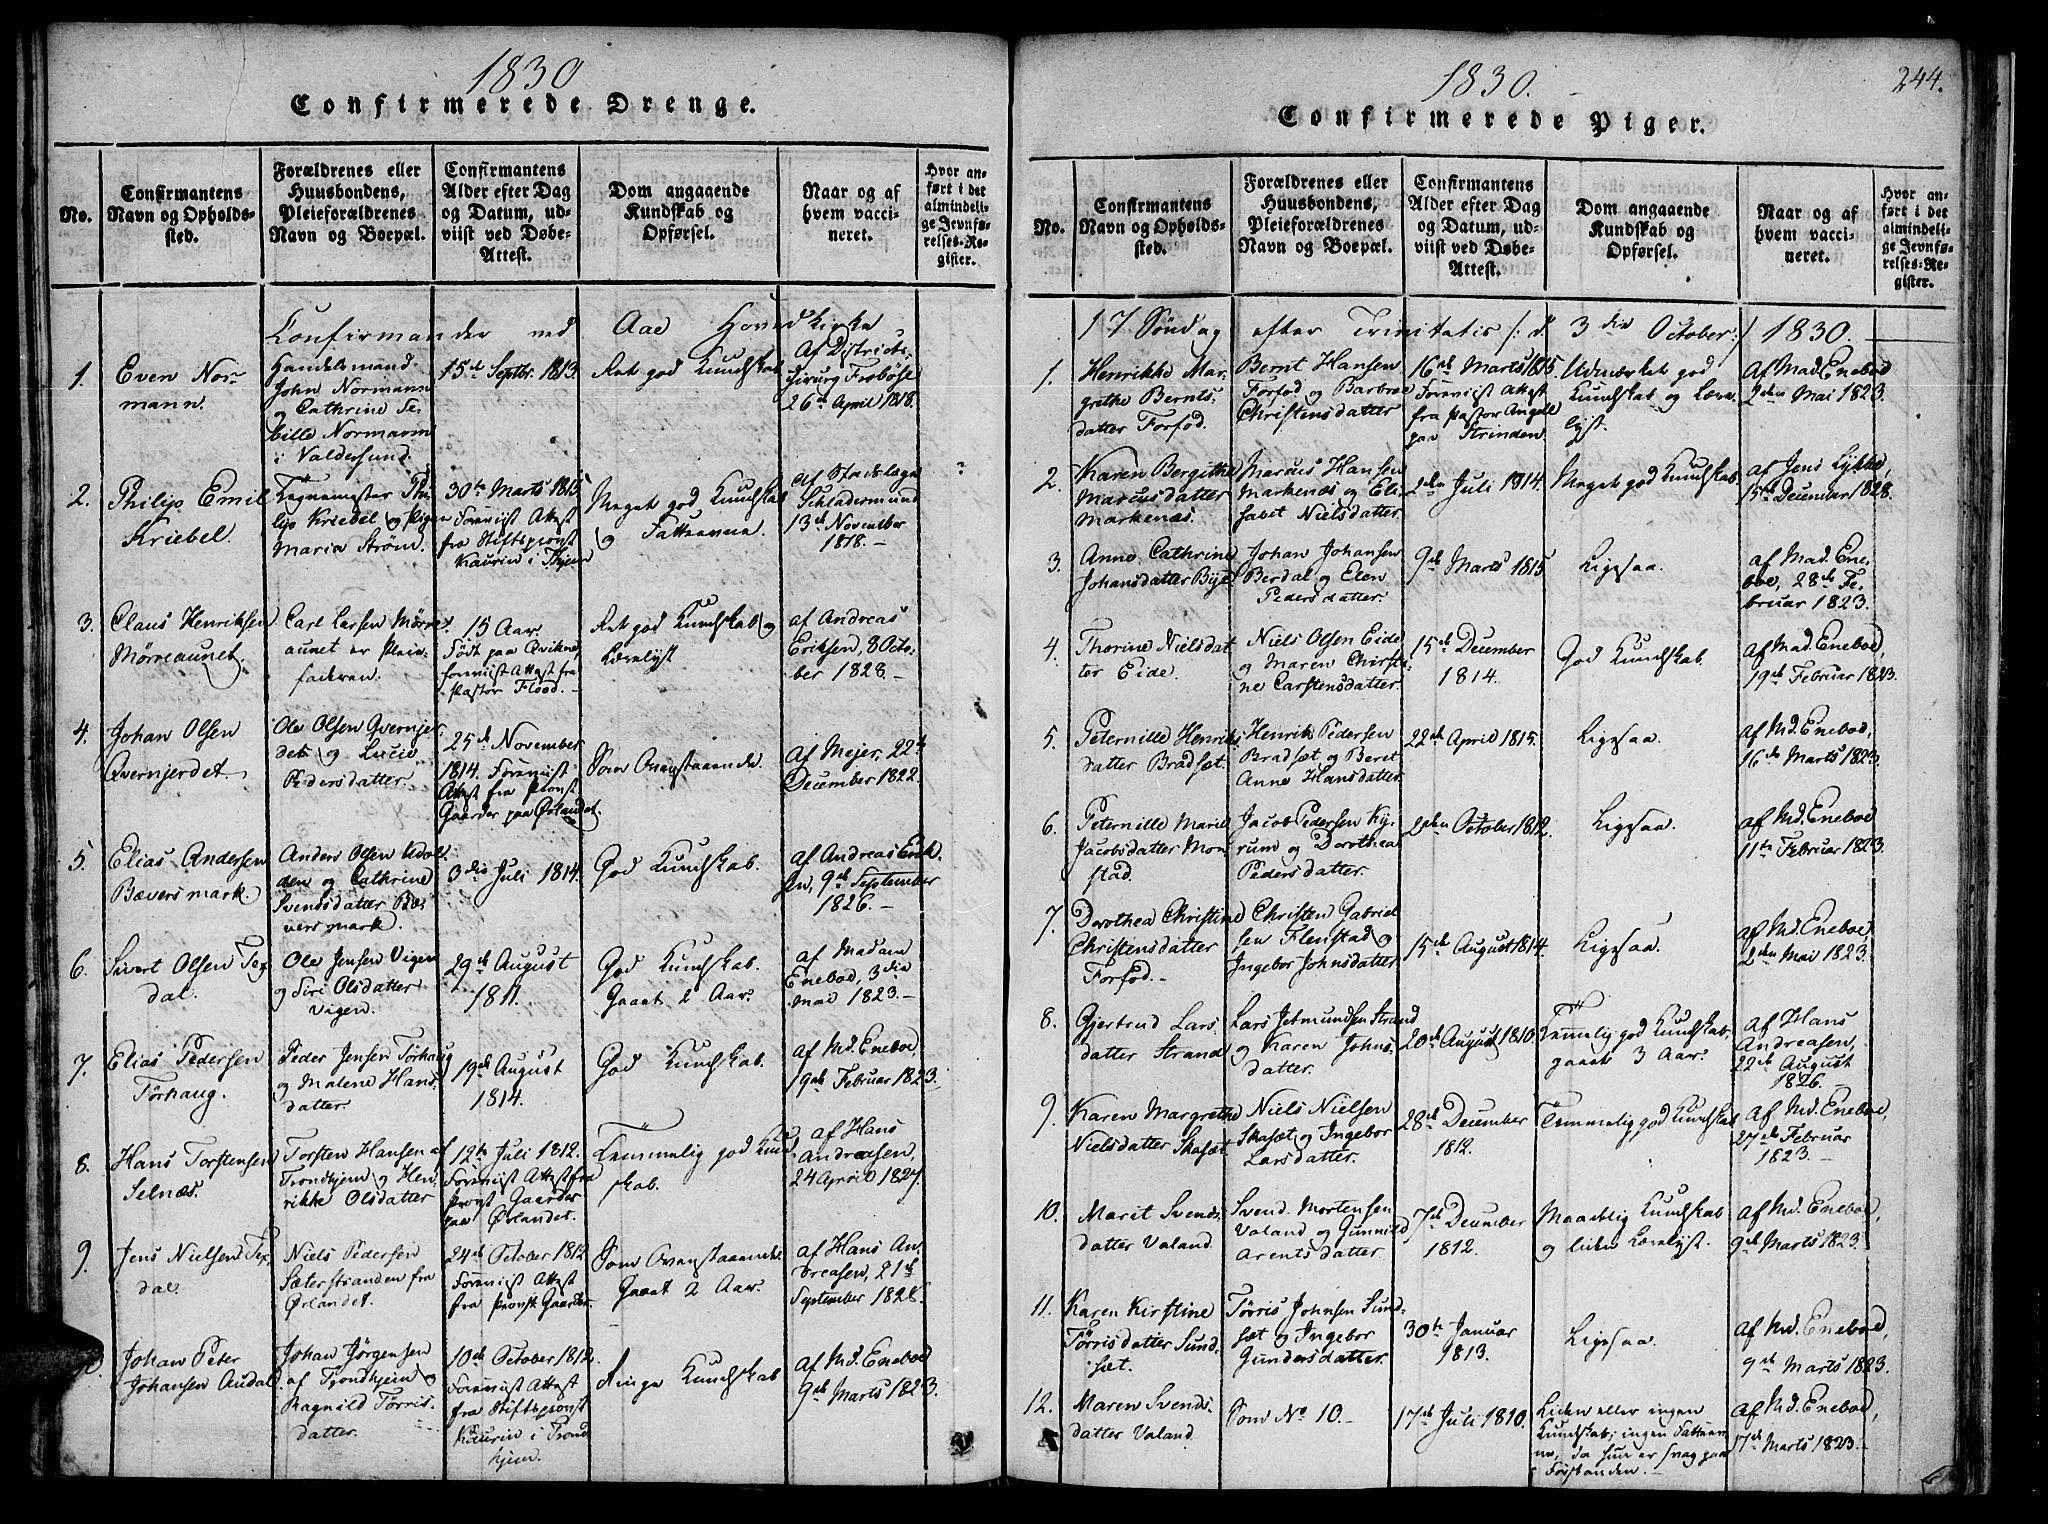 SAT, Ministerialprotokoller, klokkerbøker og fødselsregistre - Sør-Trøndelag, 655/L0675: Ministerialbok nr. 655A04, 1818-1830, s. 244